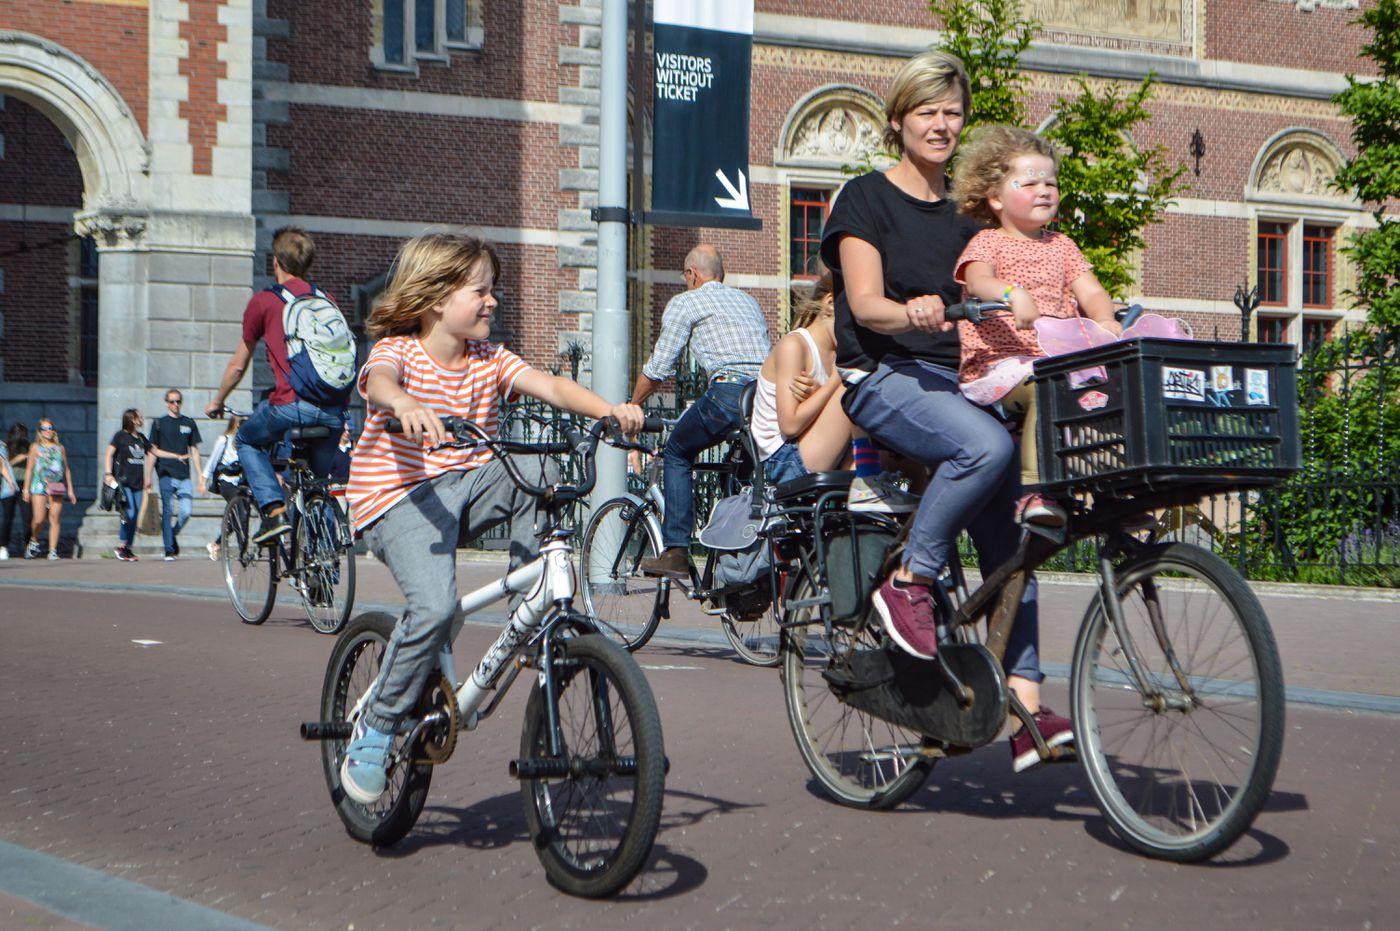 How the Dutch created a casual biking culture - Vox